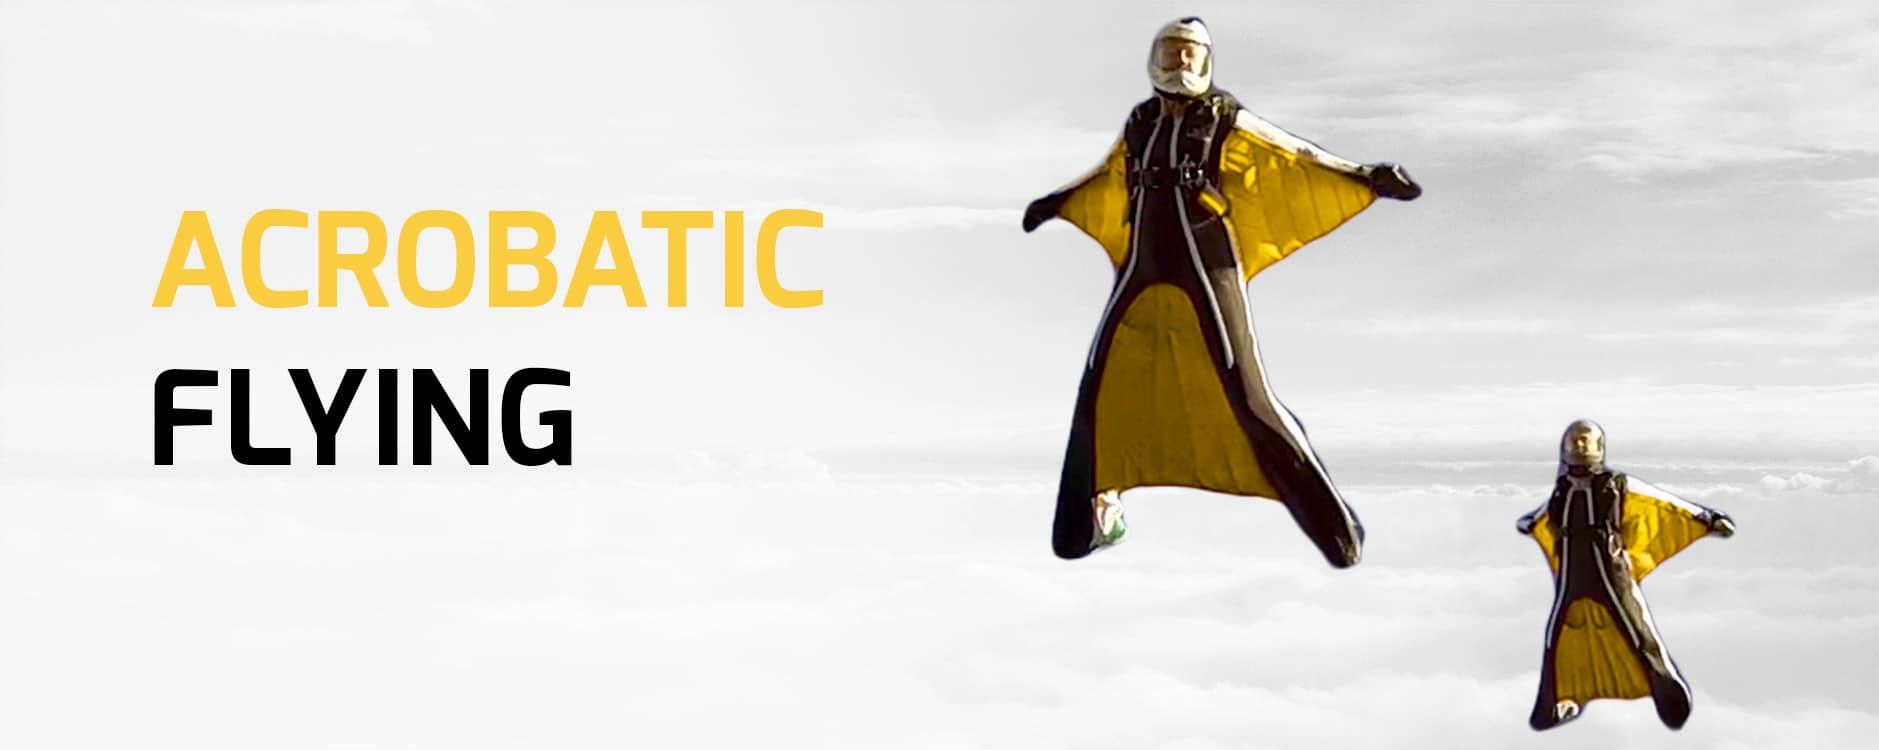 acrobatic 1